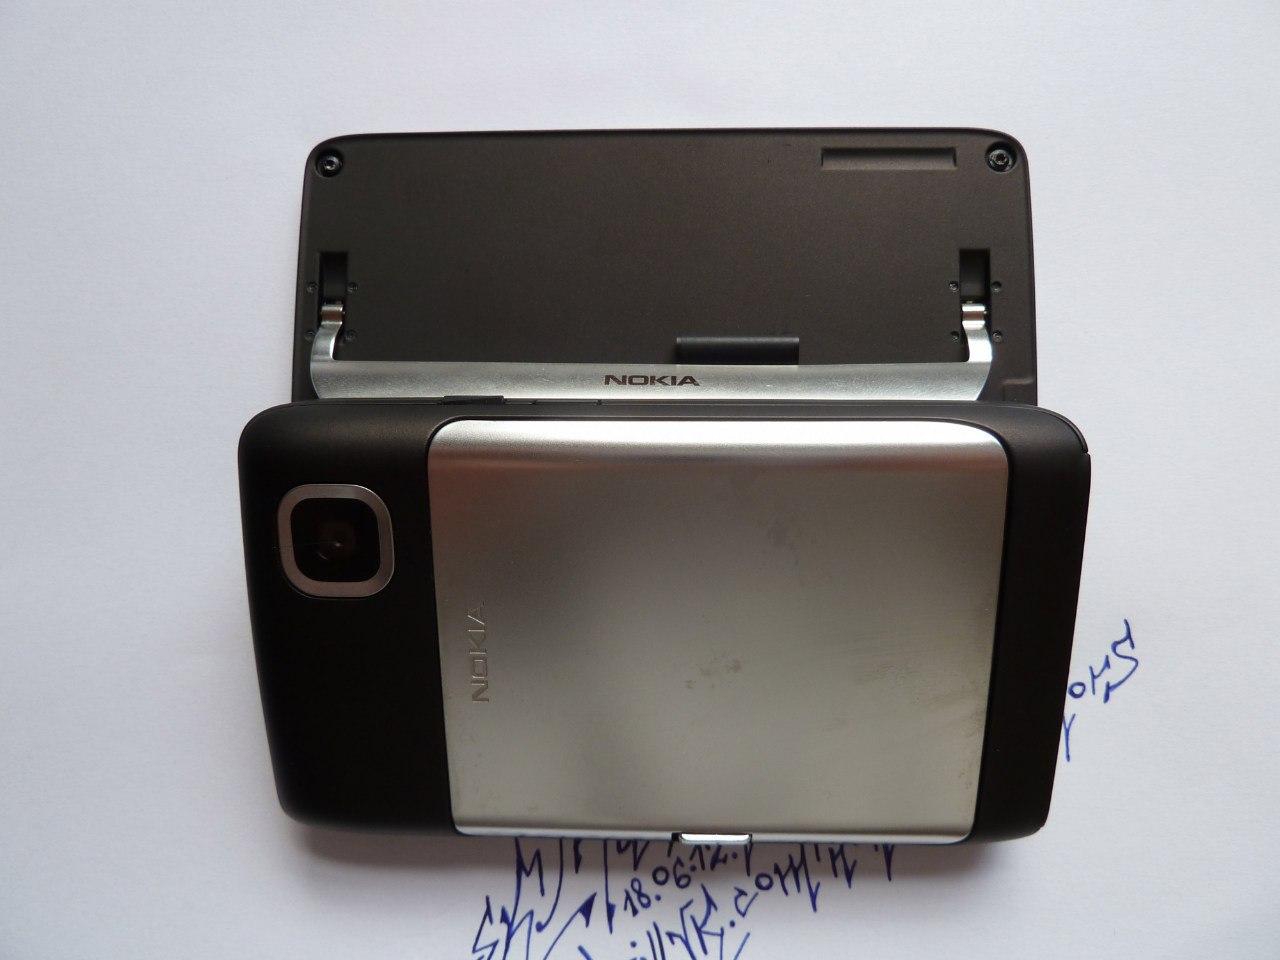 Nokia E80 prototype